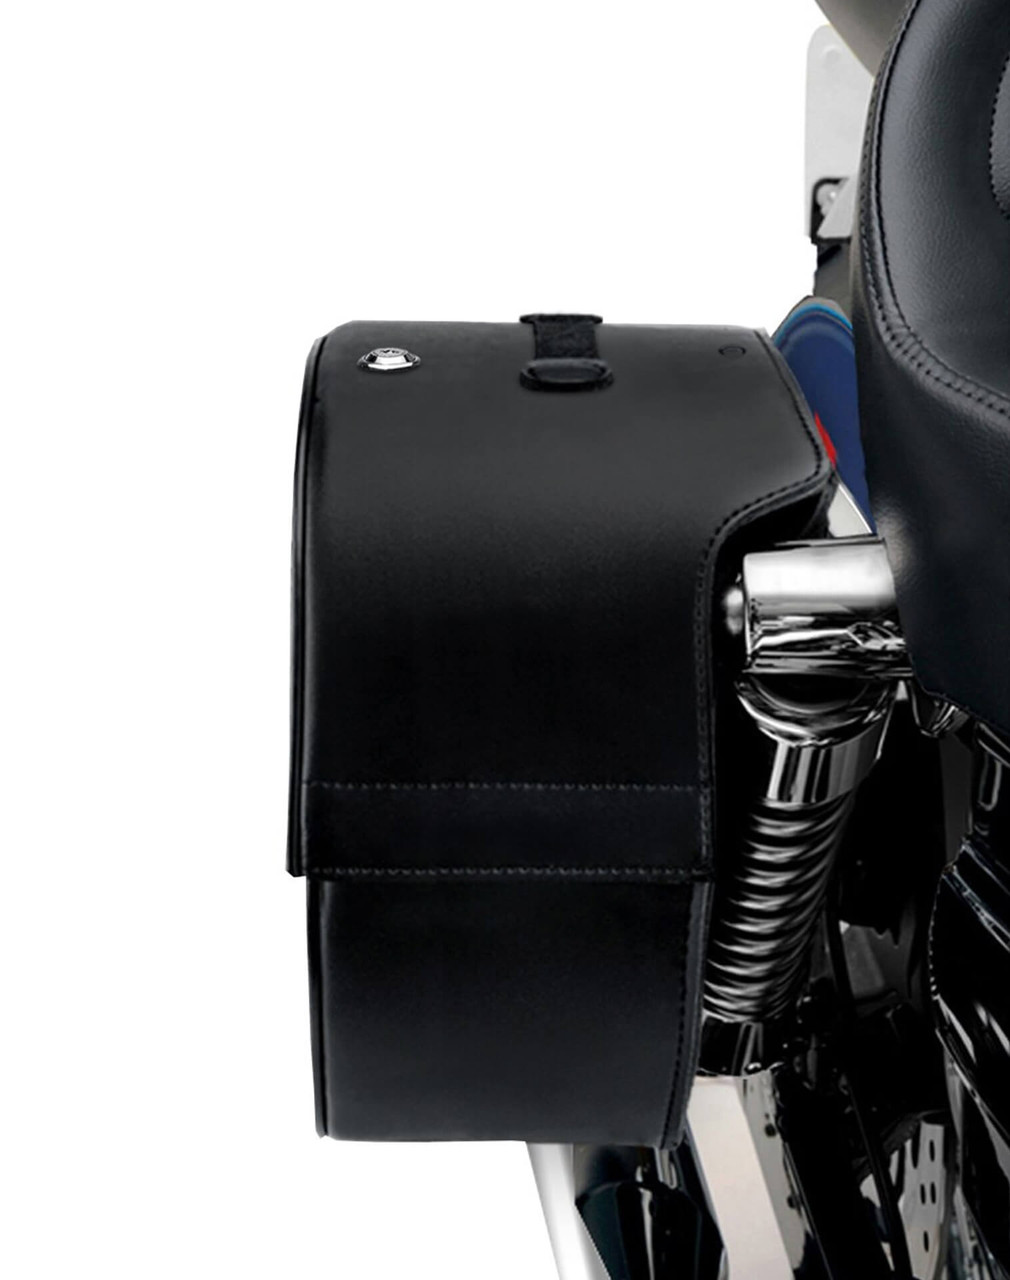 Honda Magna 750 Shock Cutout Motorcycle Saddlebags shock cutout view